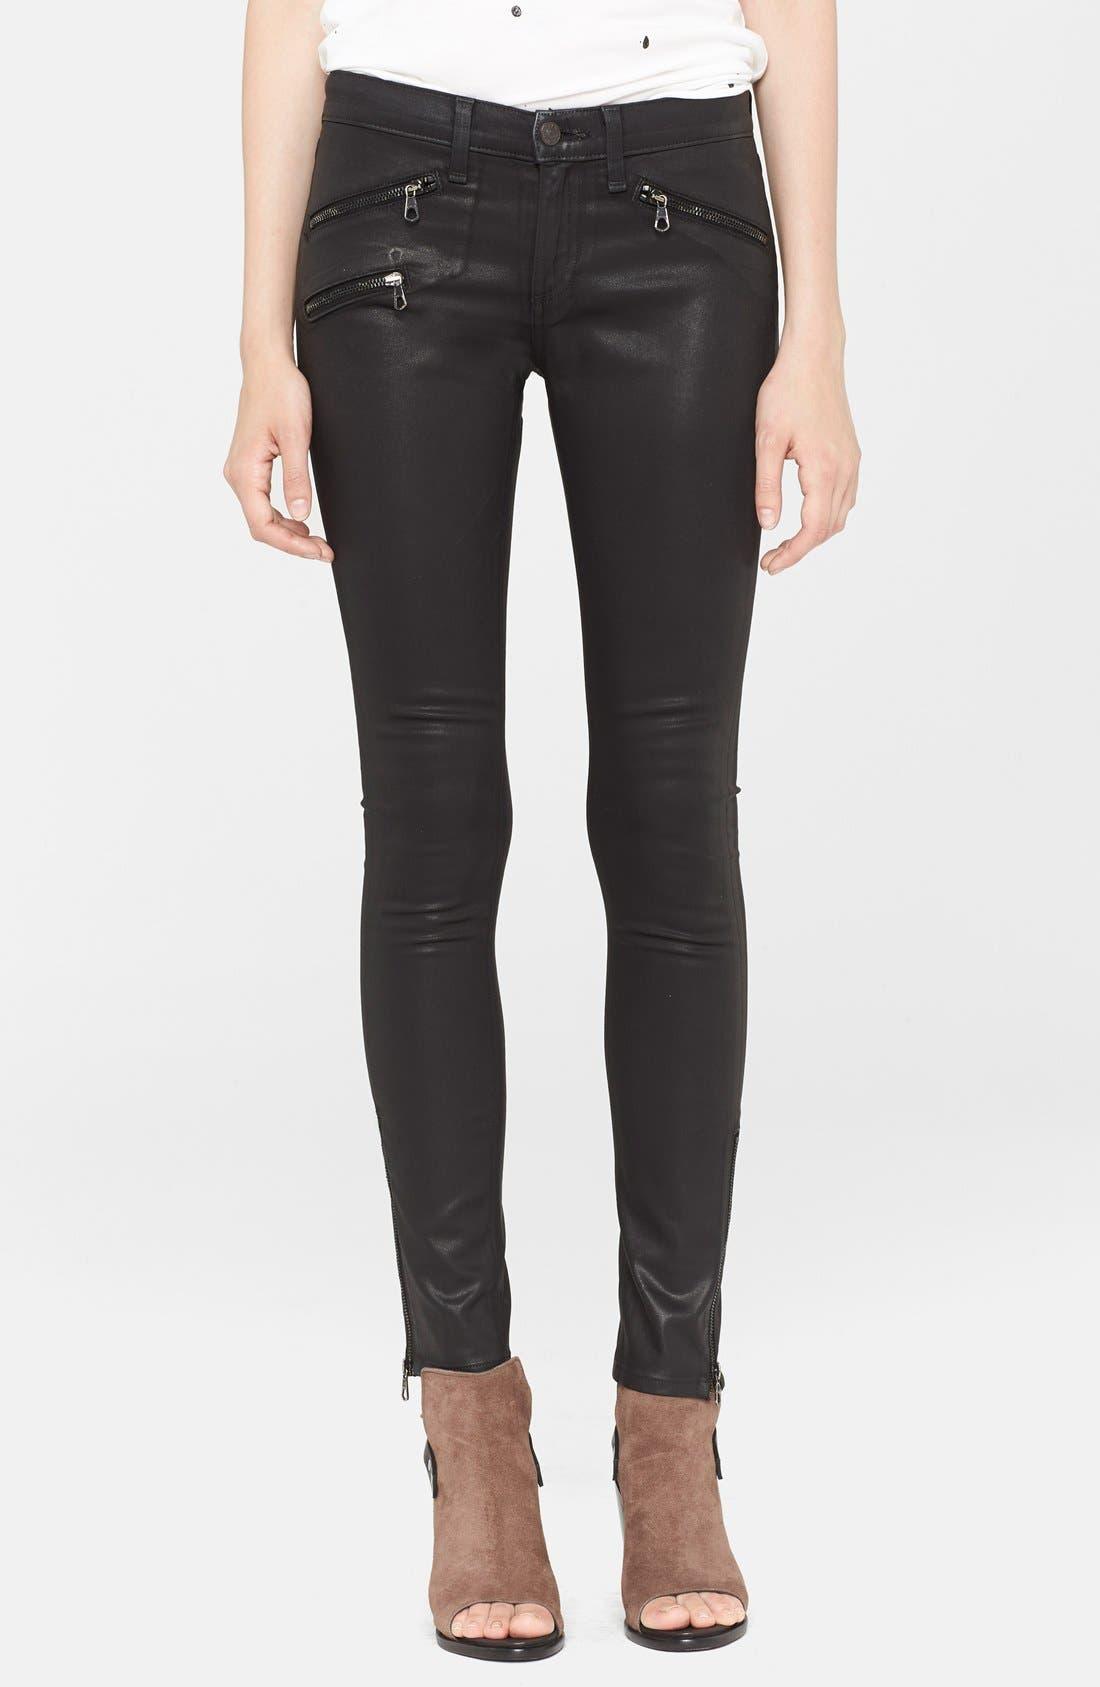 Alternate Image 1 Selected - rag & bone/JEAN Coated Ankle Zip Skinny Jeans (Coated Black)